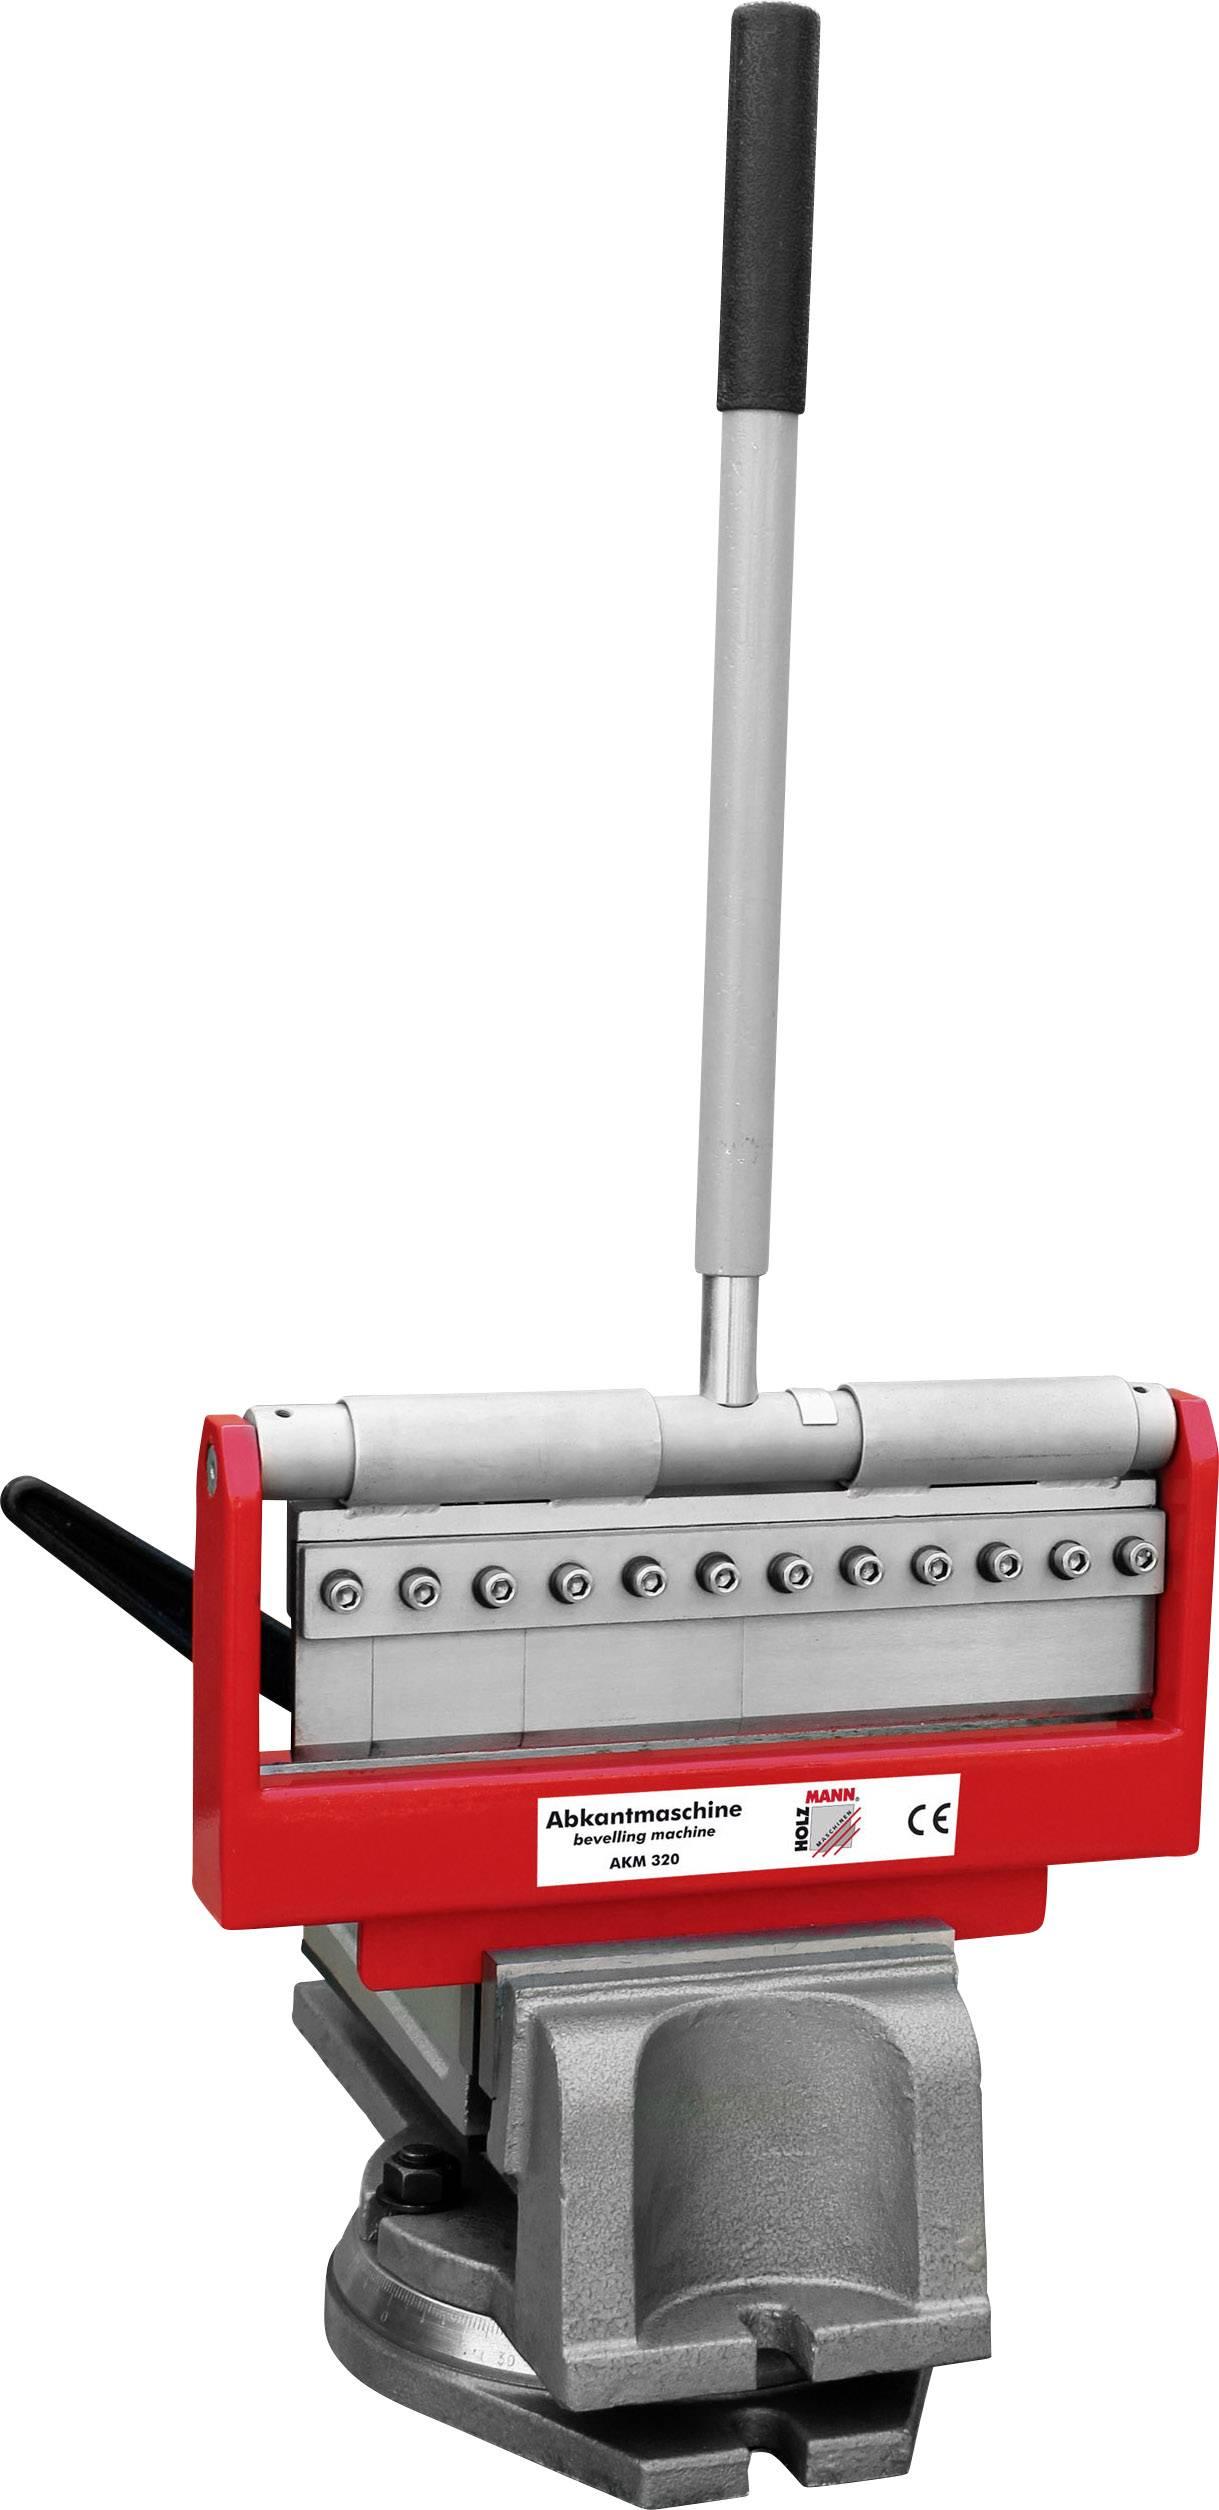 Holzmann Maschinen Abkantbank-Tafelschere AT200 AT200 1mm